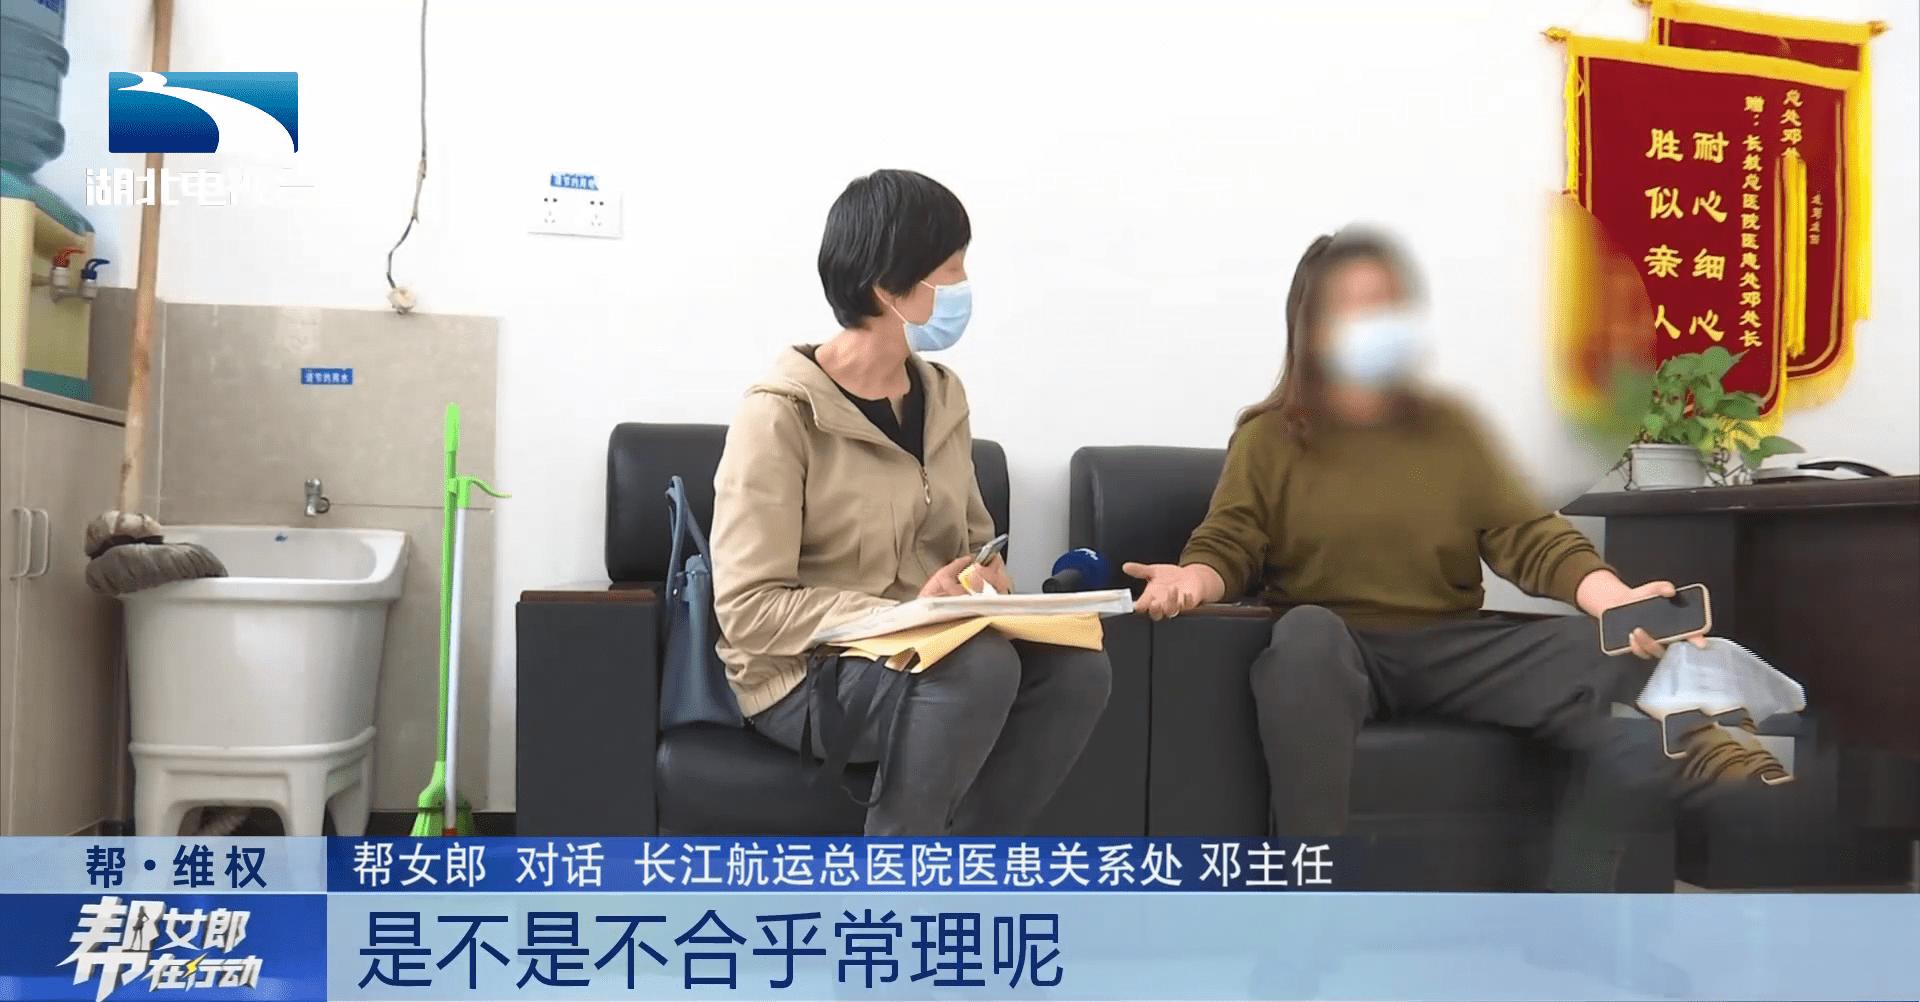 中国为什么没有女领导 为什么领导基本都是男的